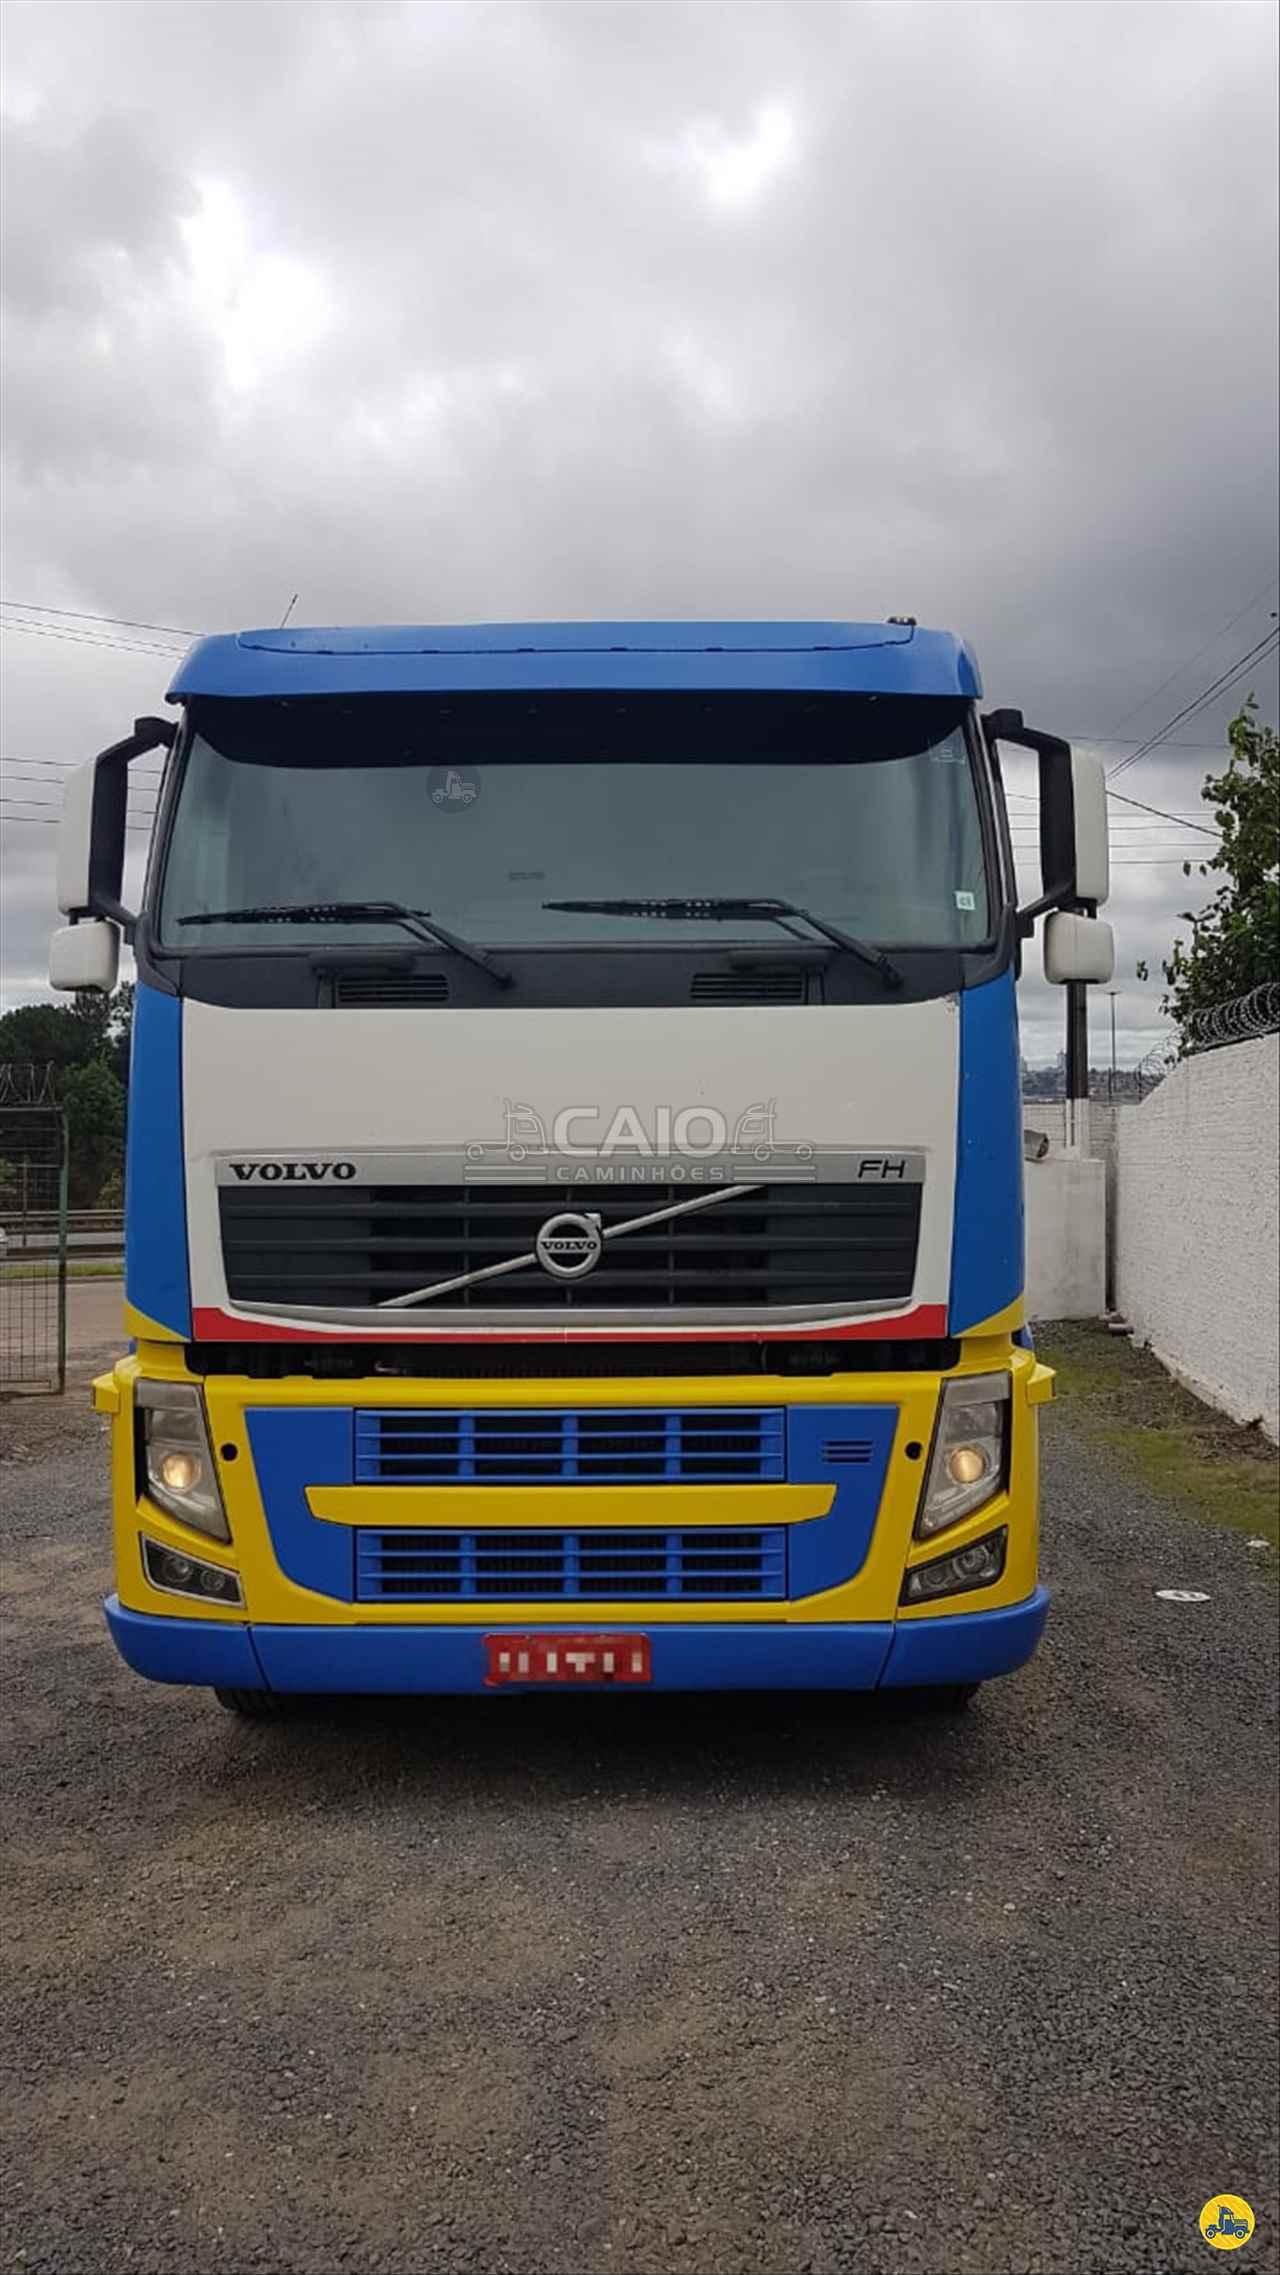 VOLVO VOLVO FH 440 1300000km 2010/2011 Caio Caminhões